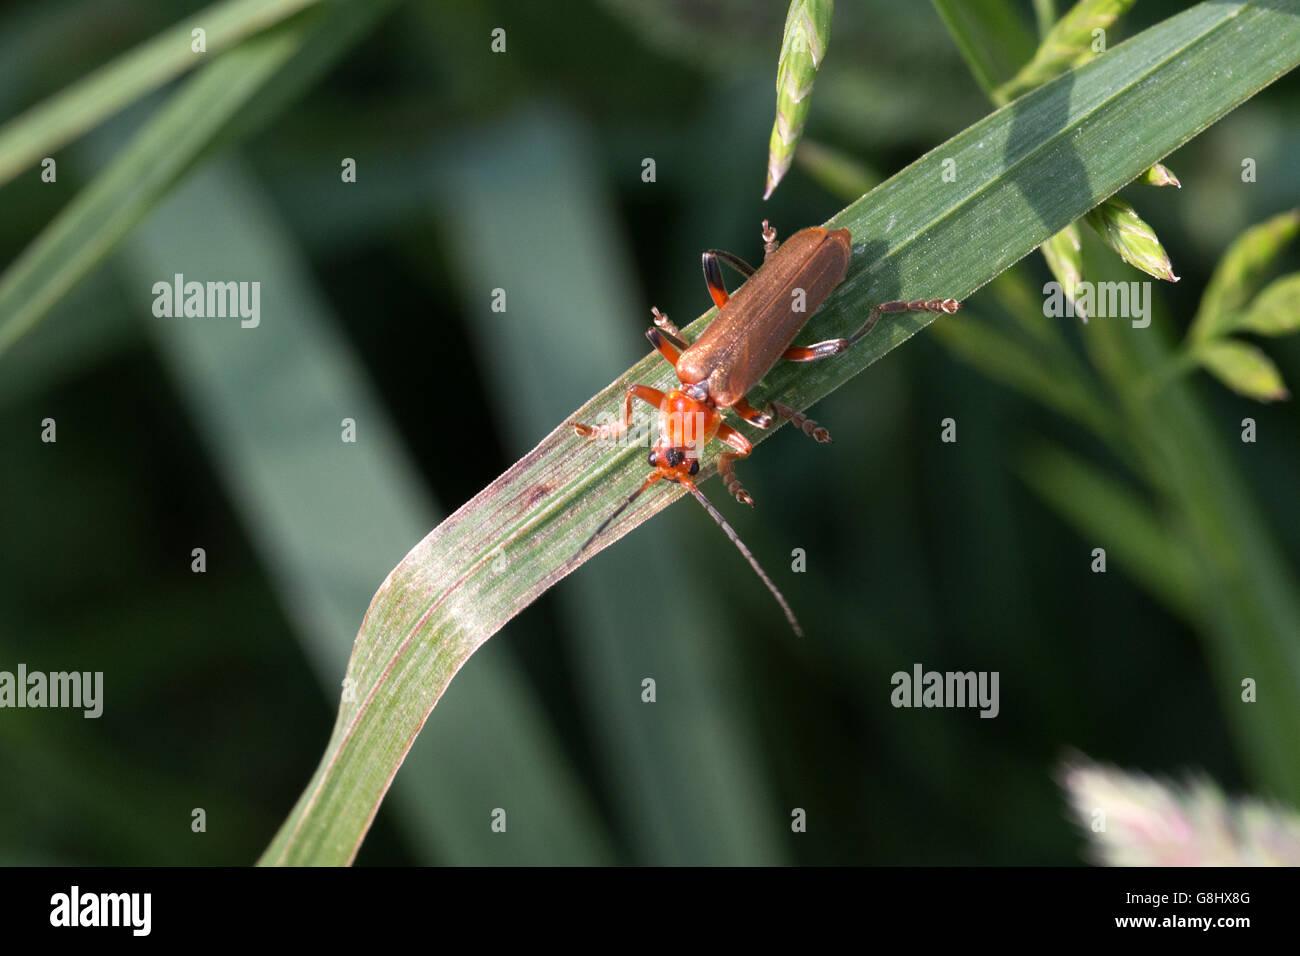 Roter Weichkäfer auf einen Grashalm  Common red soldier beetle on a blade of grass - Stock Image